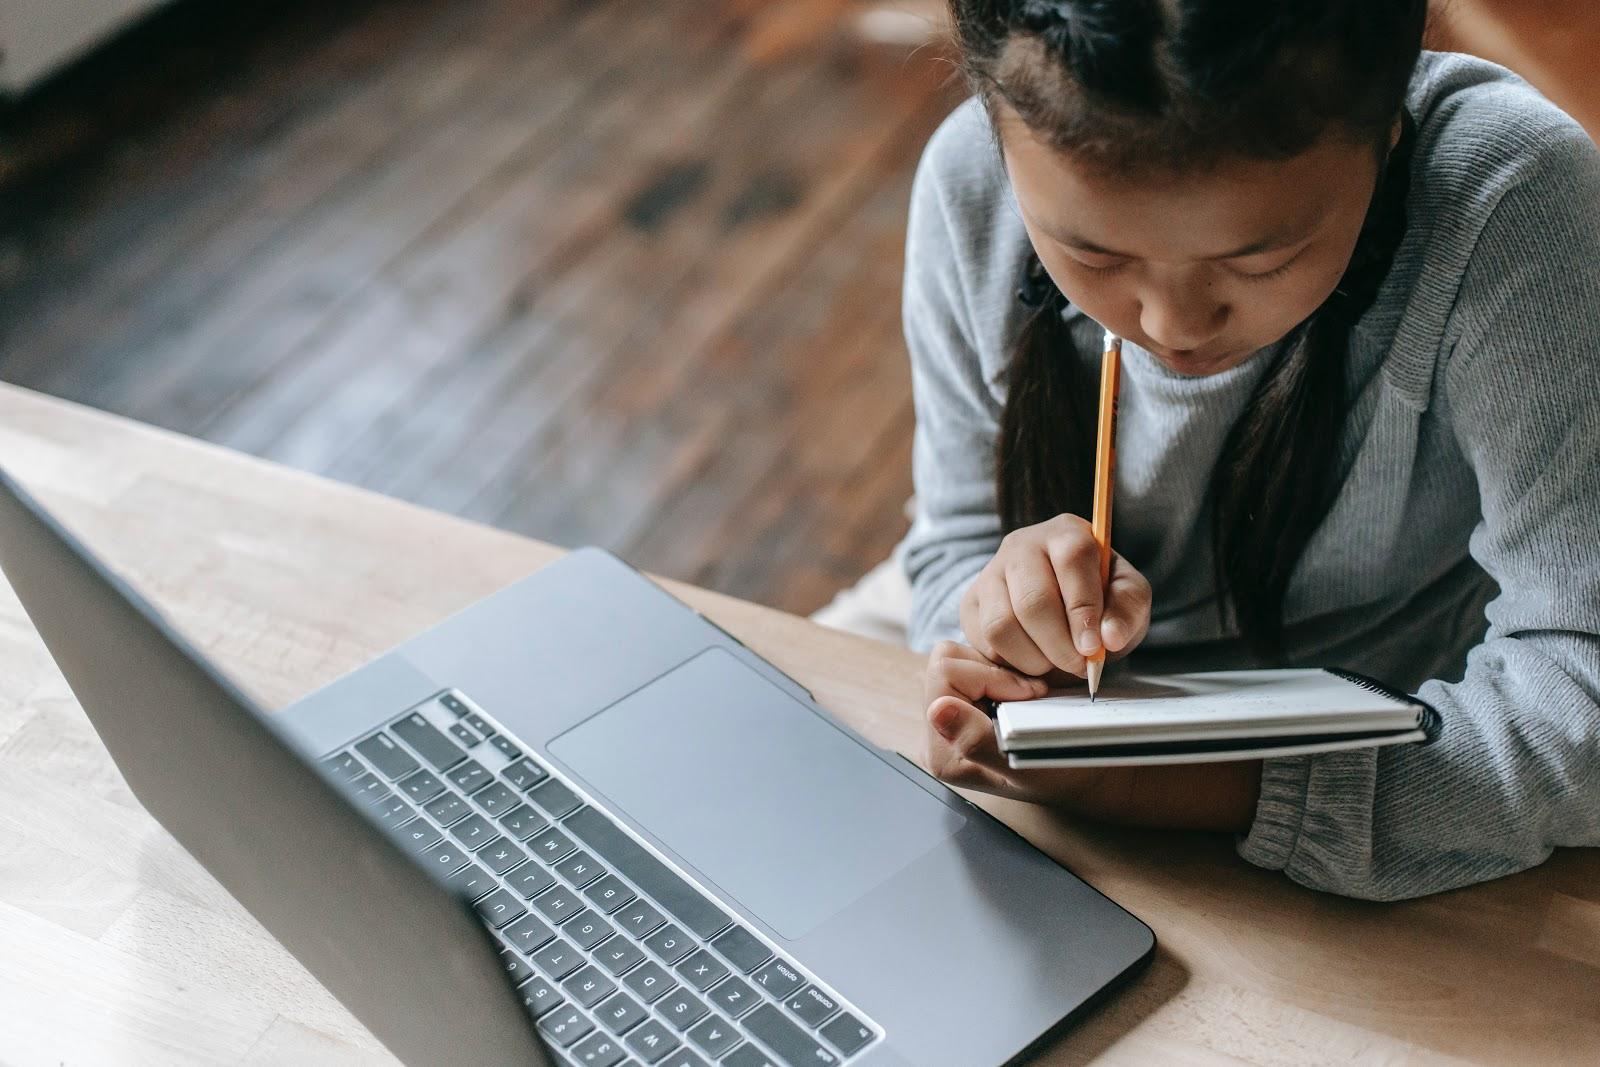 Muitos alunos não têm espaço em casa destinado apenas aos estudos. (Fonte: Pexels)